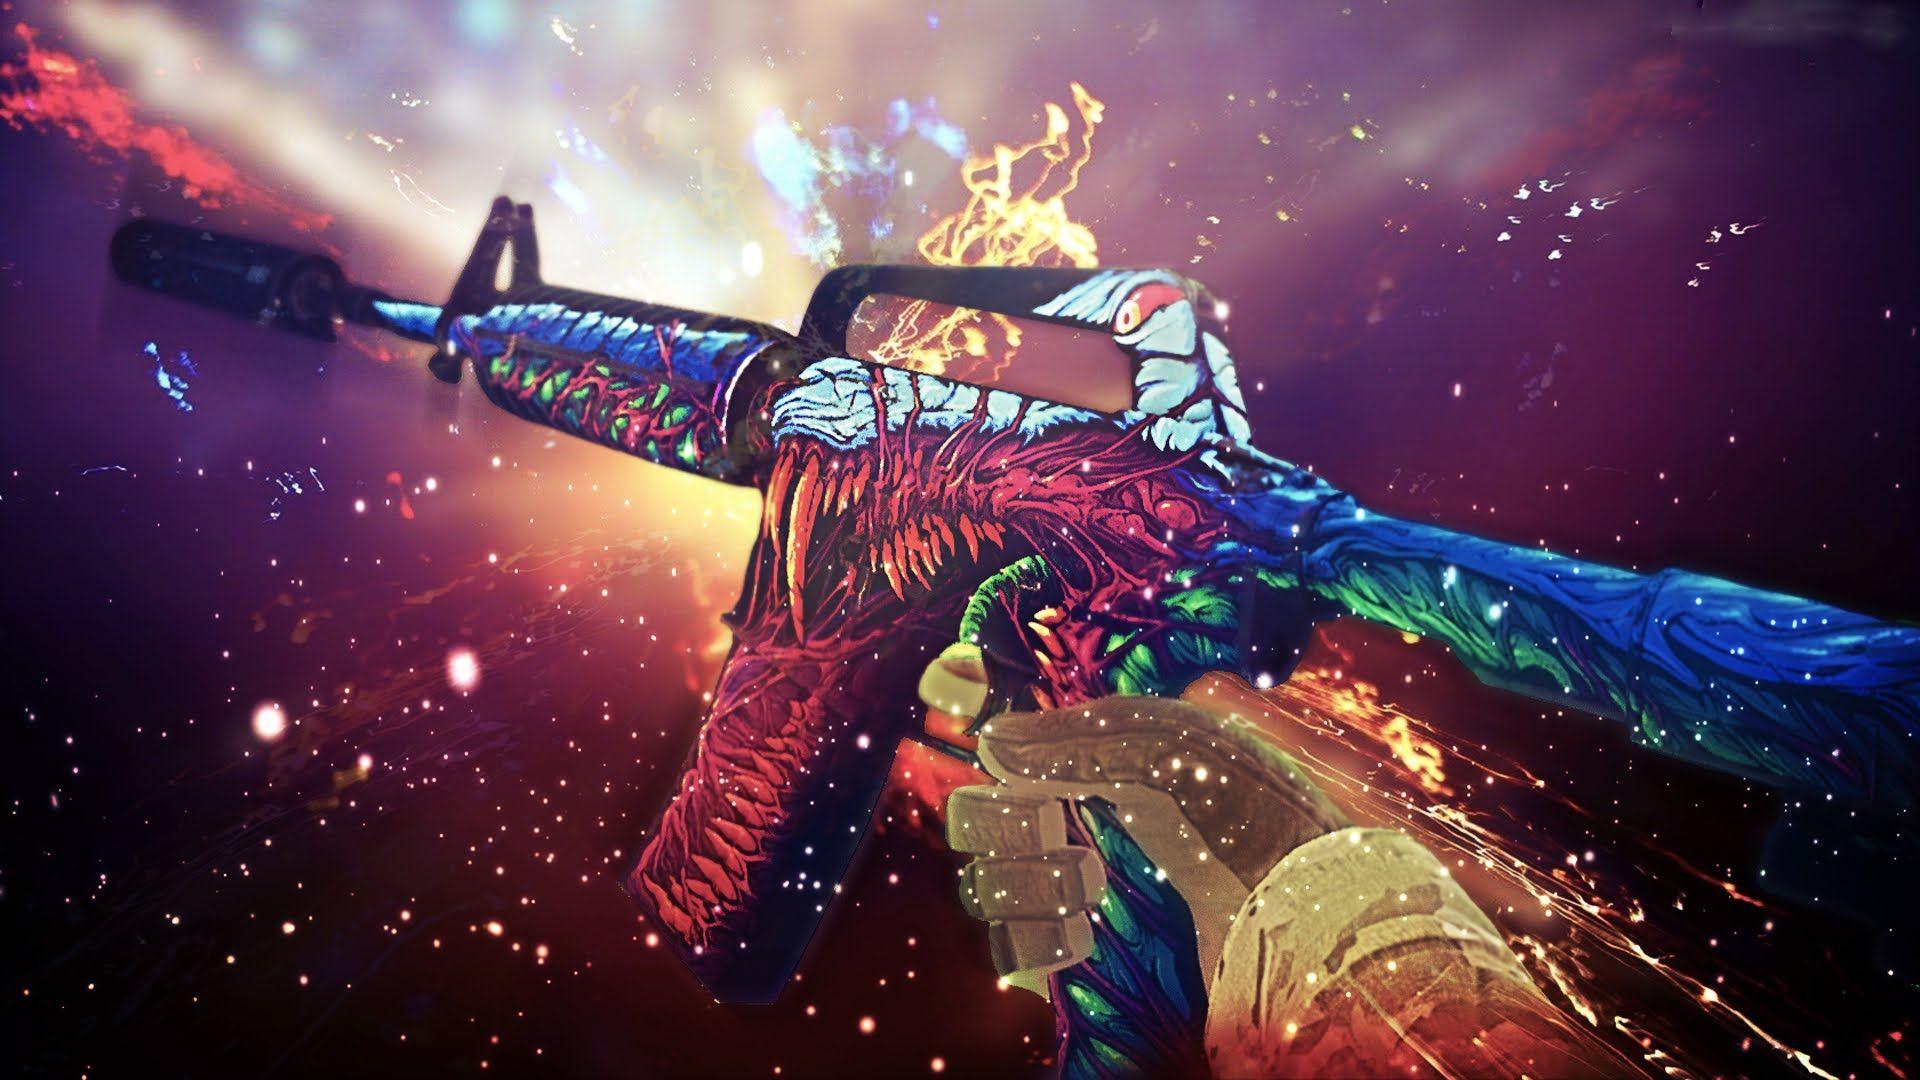 Music And Your Video Game Mojo Games Globaloffensive Csgo Counterstrike Hltv Cs Steam Valve Djswat Hyper Beast Wallpaper Beast Wallpaper Go Wallpaper